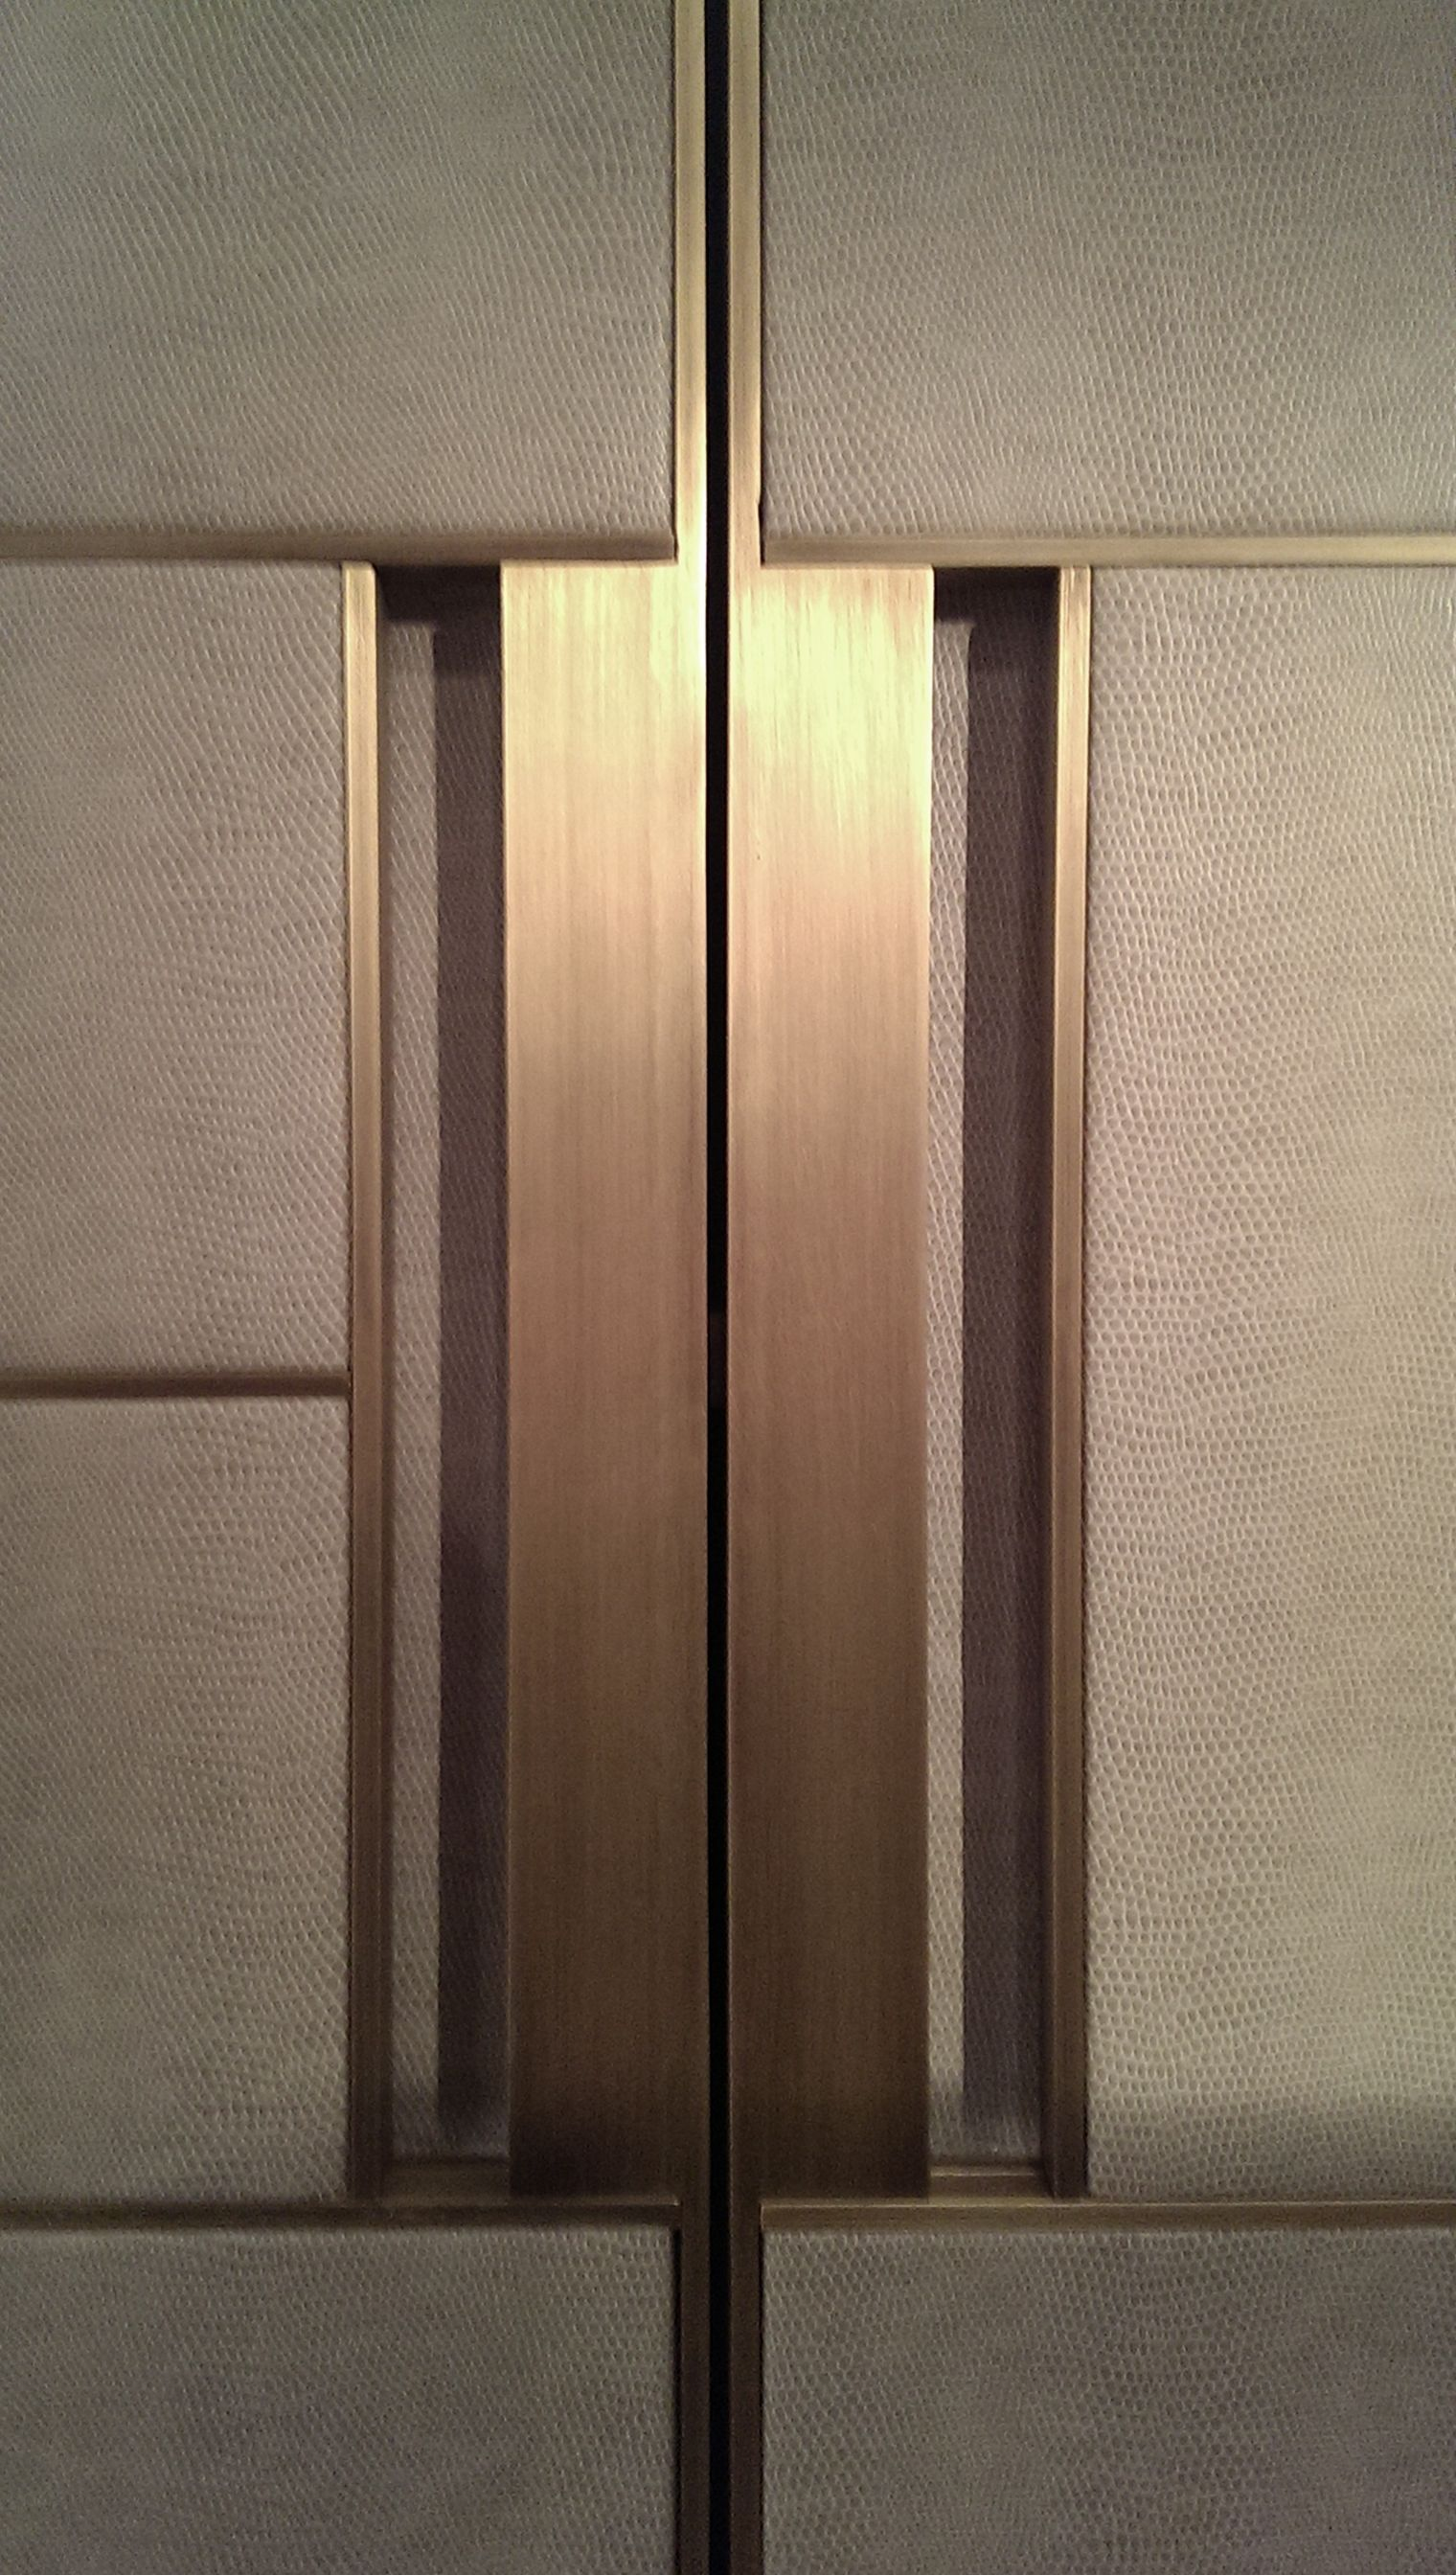 Puxador Dourado E Mdf Com Textura De Linho Detalhe